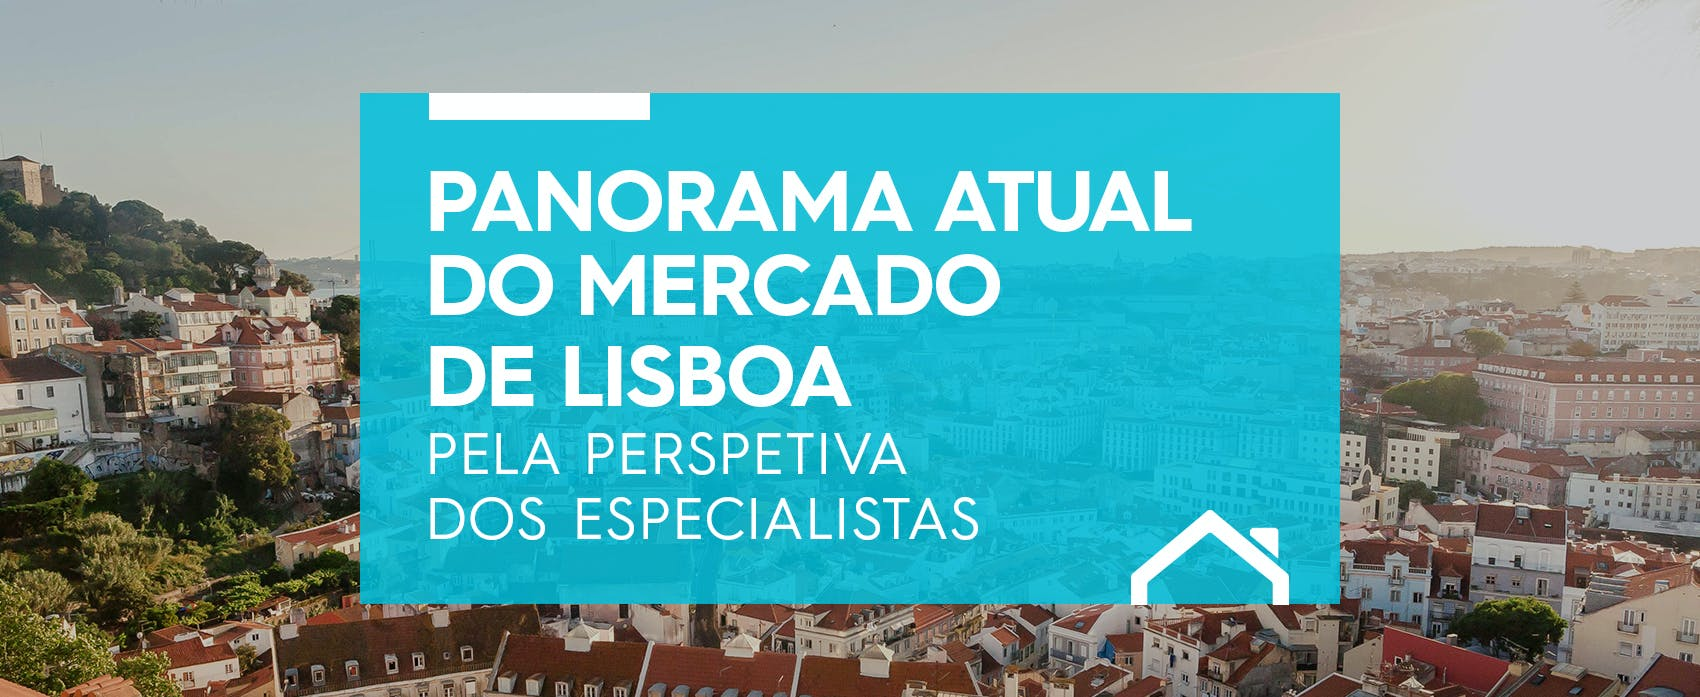 O panorama atual do Mercado Imobiliário de Lisboa pela perspectiva dos Especialistas